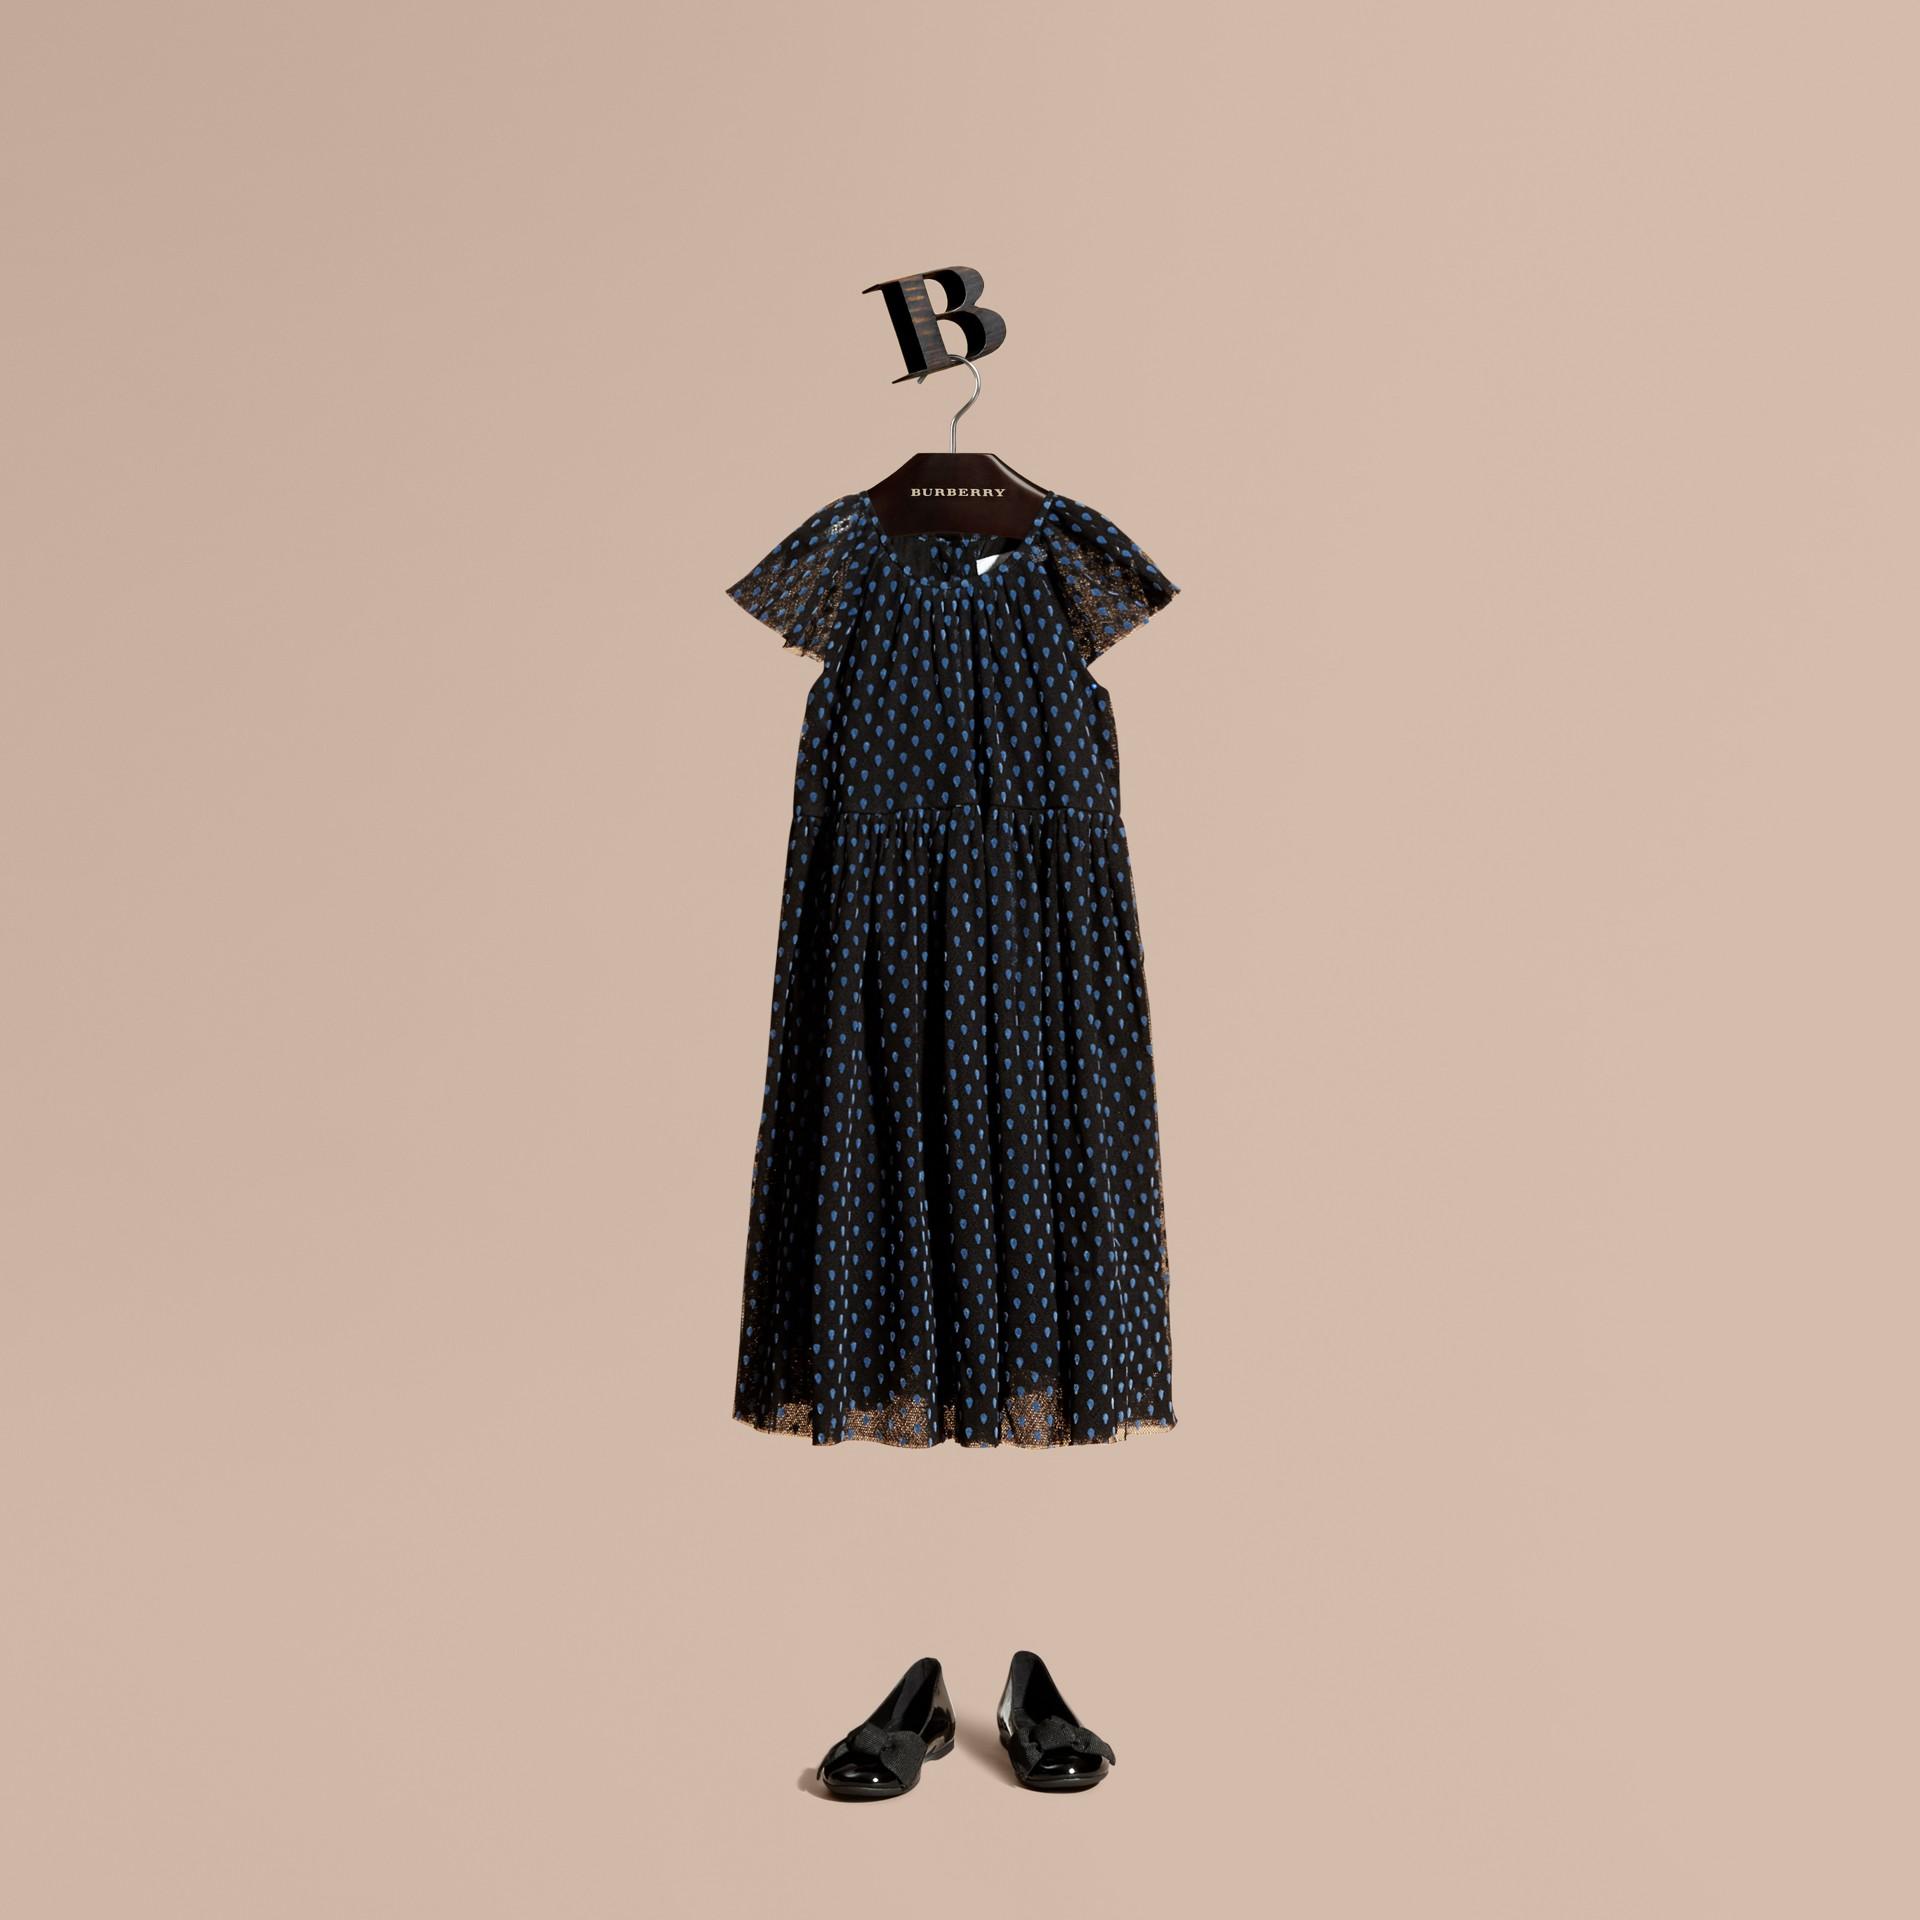 Negro Vestido de tul de algodón plisado con detalles aterciopelados - imagen de la galería 1